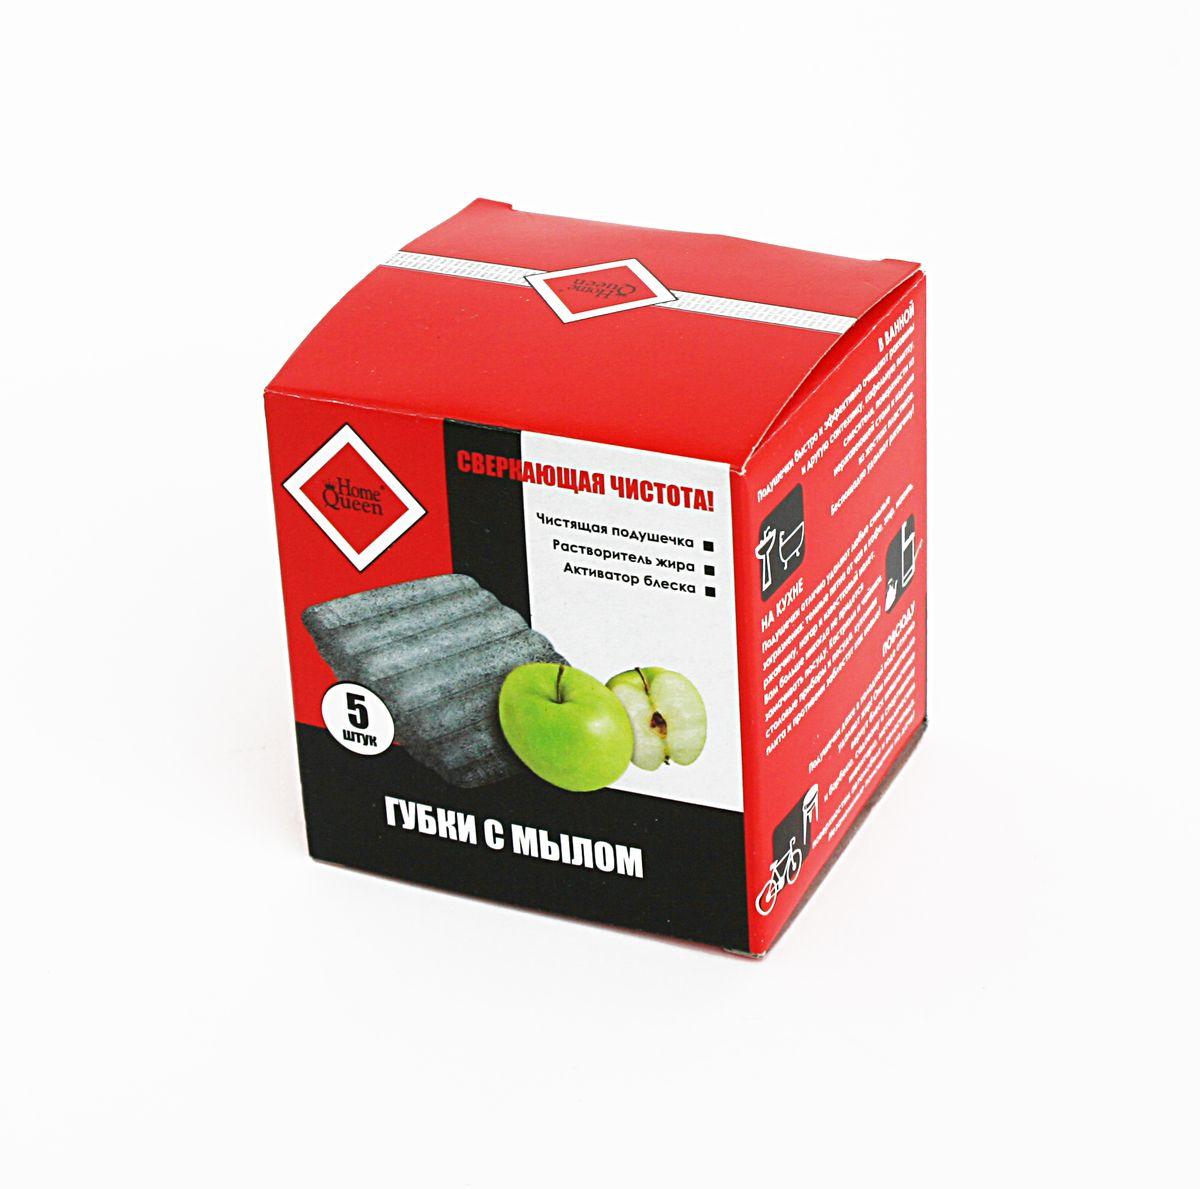 Губки с мылом Home Queen, ароматические, 5 шт1004900000360Губки с мылом Home Queen изготовлены из тончайшего стального волокна, пропитанного мыльным составом. Оптимальное сочетание чистящих и моющих компонентов позволяет моментально удалять ржавчину, жир, темный налет, накипь, нагар и другие сильные загрязнения. Мыло содержит тензиды, растворяющие жир, и пальмовое масло, которое заботится о ваших руках. Экологически чистый продукт. Его чистящие и моющие компоненты разлагаются биологическим путем. Не содержит фосфатов. Подушечки быстро и эффективно очищают раковины и другую сантехнику, кафельную плитку, смесители, поверхности из нержавеющей стали и изделия из жестких пластиков. Подушечки даже в холодной воде отлично удаляют жир. Они моментально вернут блеск шашлычнице и барбекю, садовому инвентарю, металлическим поверхностям автомобиля и велосипеда. Незаменимые помощники на даче. Состав: ультратонкое стальное волокно, мыло, пальмовое масло, ароматические вещества.Комплектация: 5 шт.Уважаемые клиенты! Обращаем ваше внимание на ассортимент продукции. Поставка осуществляется в зависимости от наличия на складе.BR>Уважаемые клиенты! Обращаем ваше внимание на возможные изменения в дизайне упаковки. Качественные характеристики товара остаются неизменными. Поставка осуществляется в зависимости от наличия на складе.